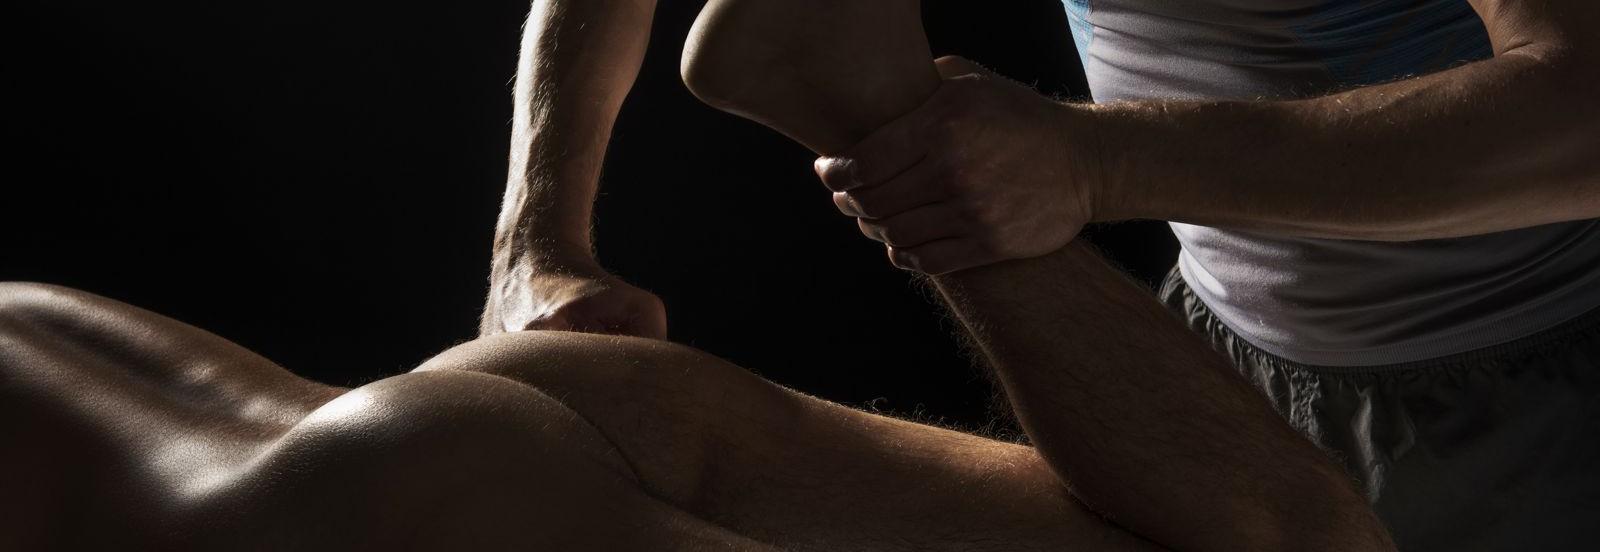 MassageArt